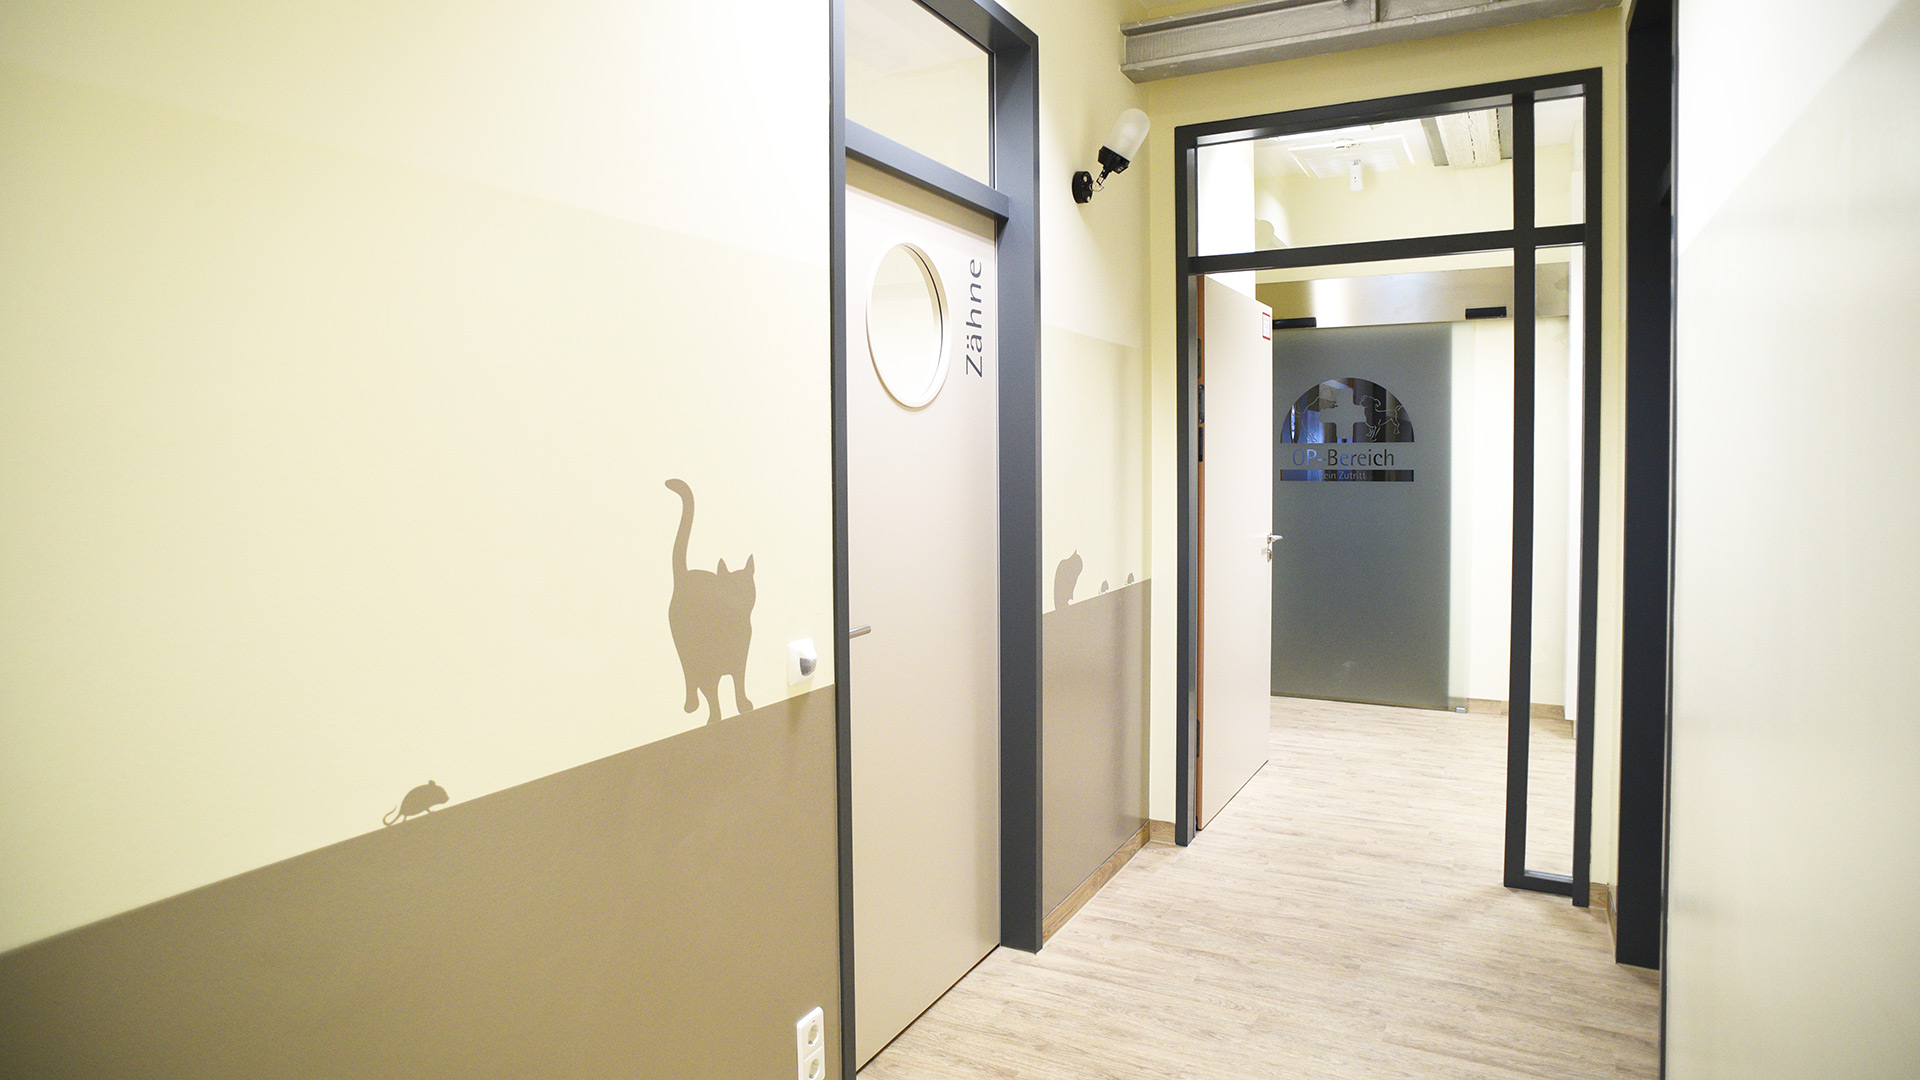 Innentüren für Sprechzimmer, motorisierte OP-Tür und Wanddekor aus einer Hand